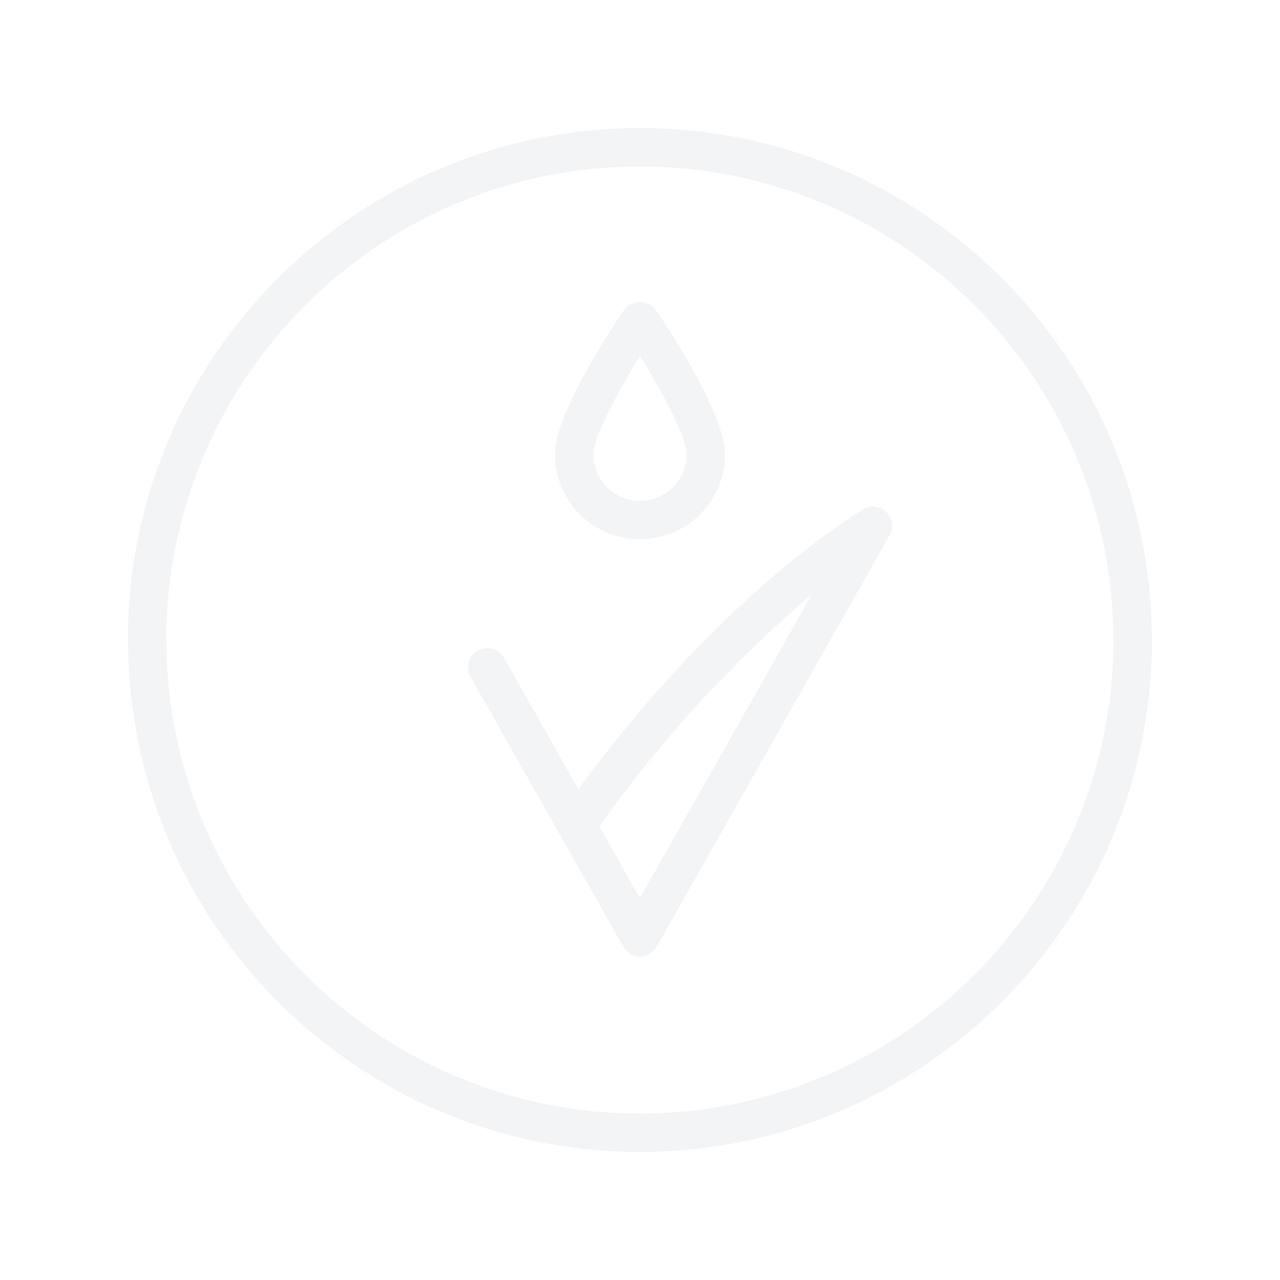 HUGO BOSS Bottled 200ml Eau De Toilette Gift Set